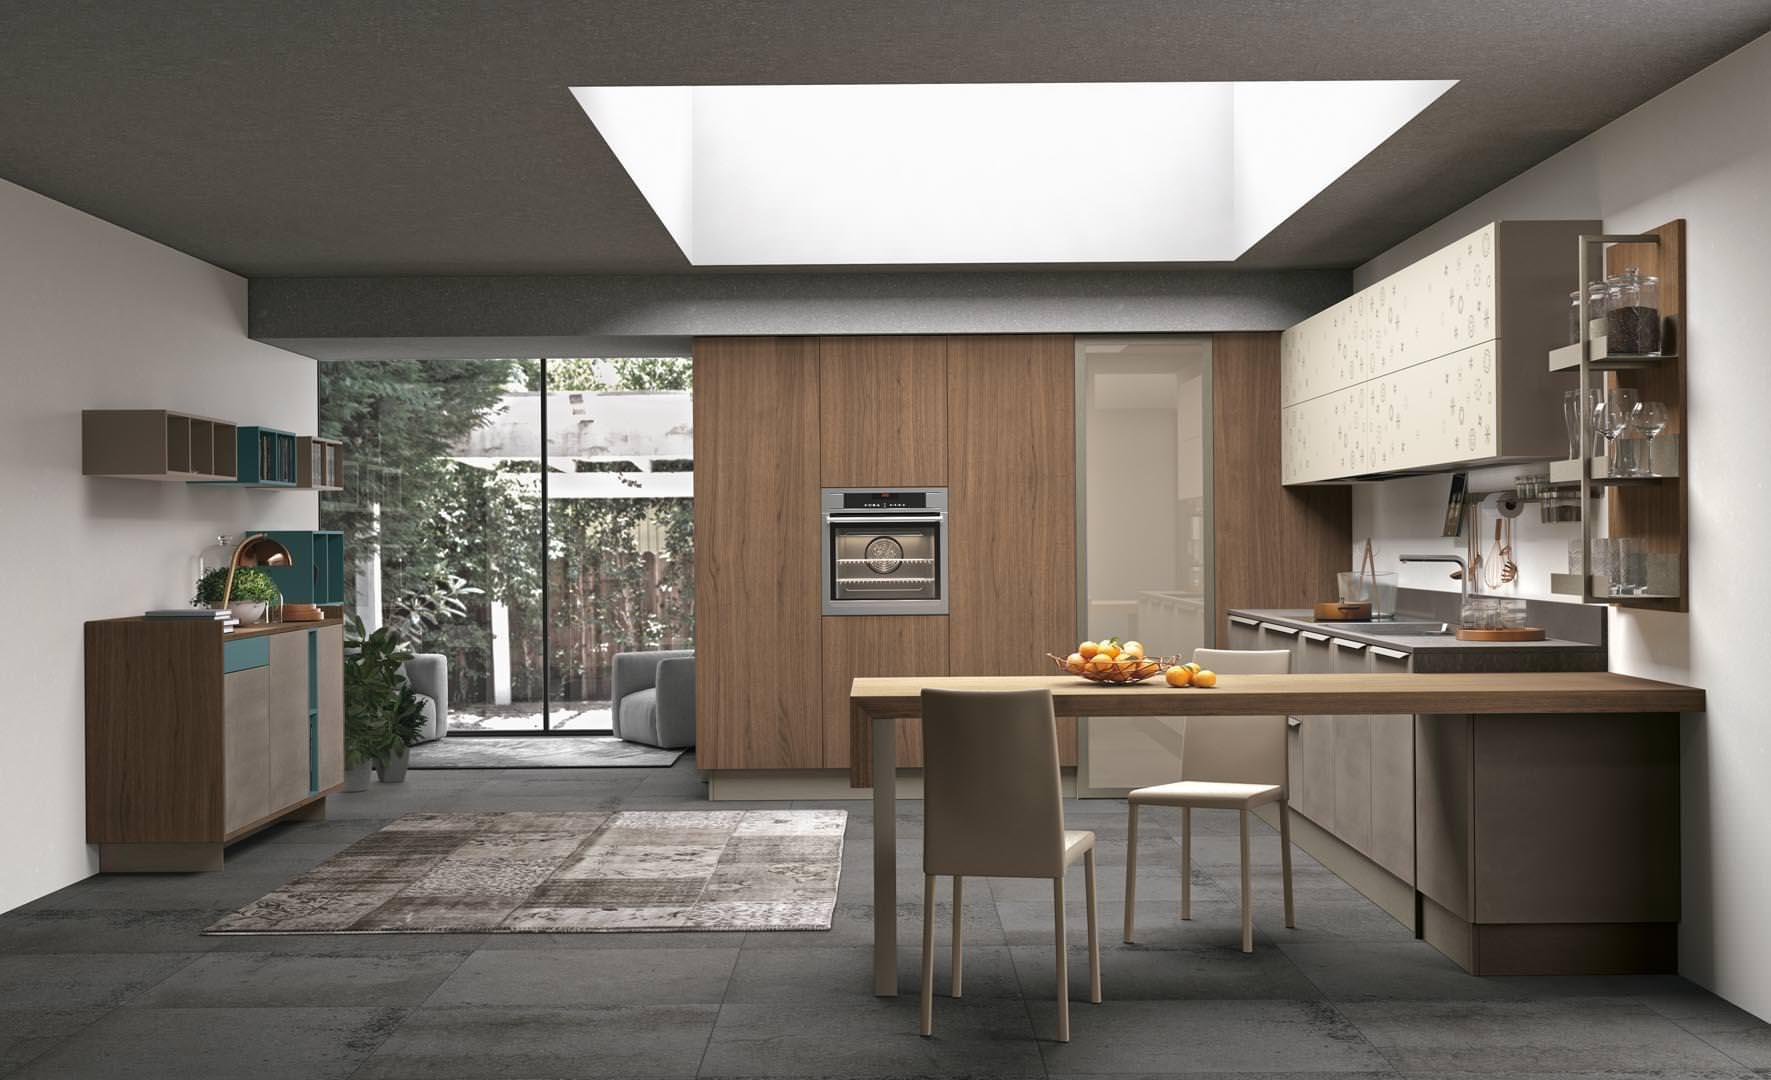 Novit cucine moderne a bari ecco la collezione lube clover bridge rafaschieri arredamenti - Cucine lube 2017 ...